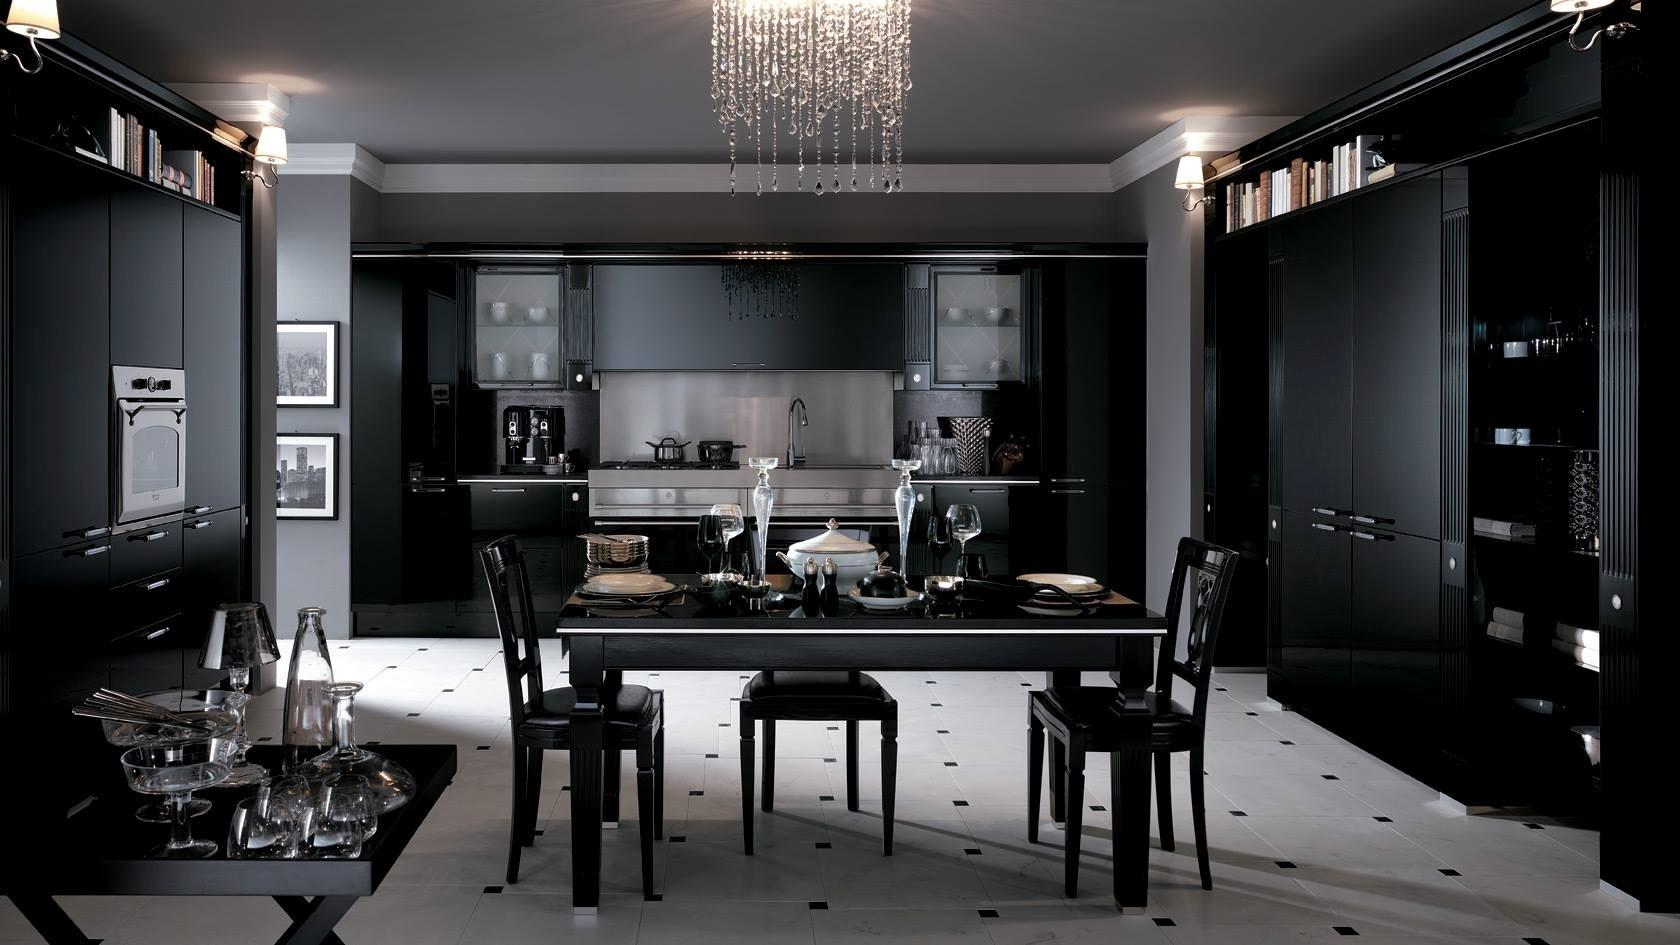 O preto também combina com o clássico, como neste exemplo em que a marcenaria é rebuscada. O matiz foi aplicado nas paredes, armários e principais móveis, mas há